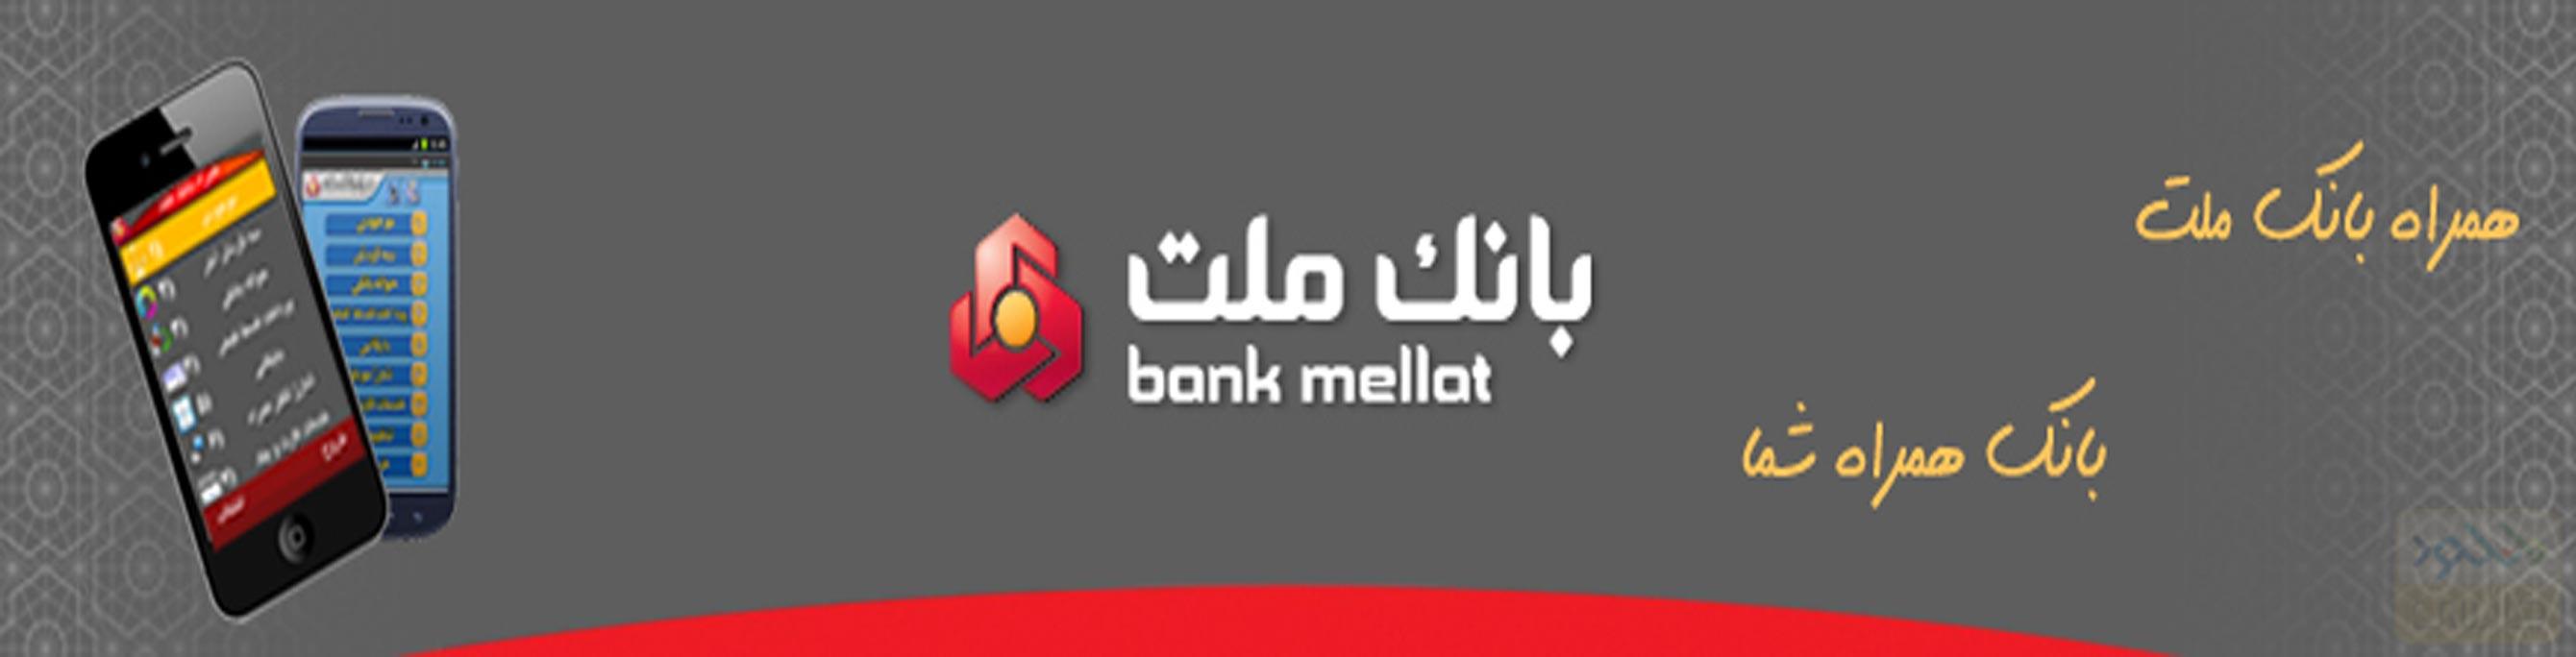 دانلود راهنمای همراه بانک ملت